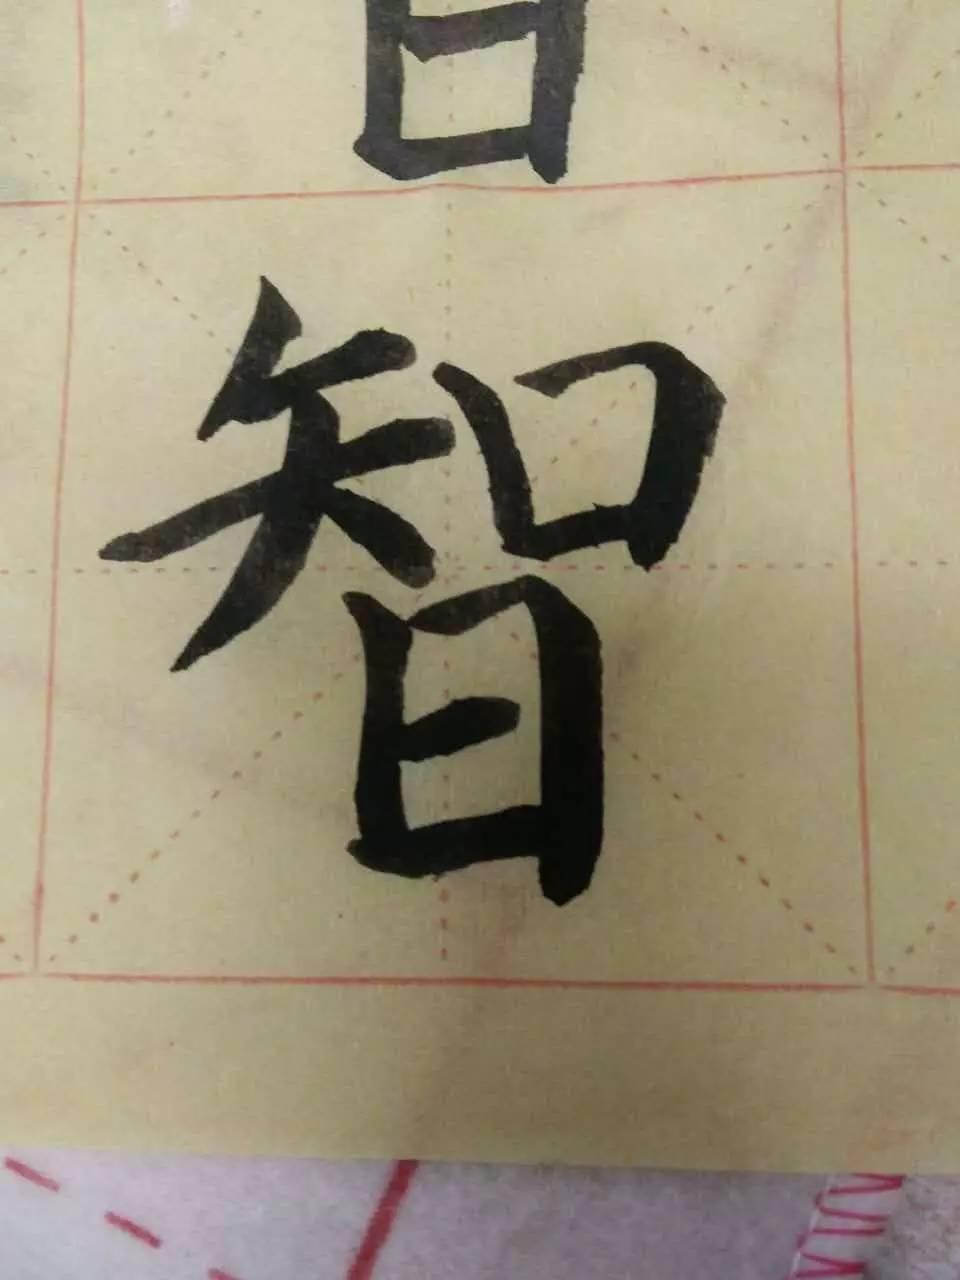 北字解释_北的意思、拼音、部首、笔画、笔顺、五行_汉程字典